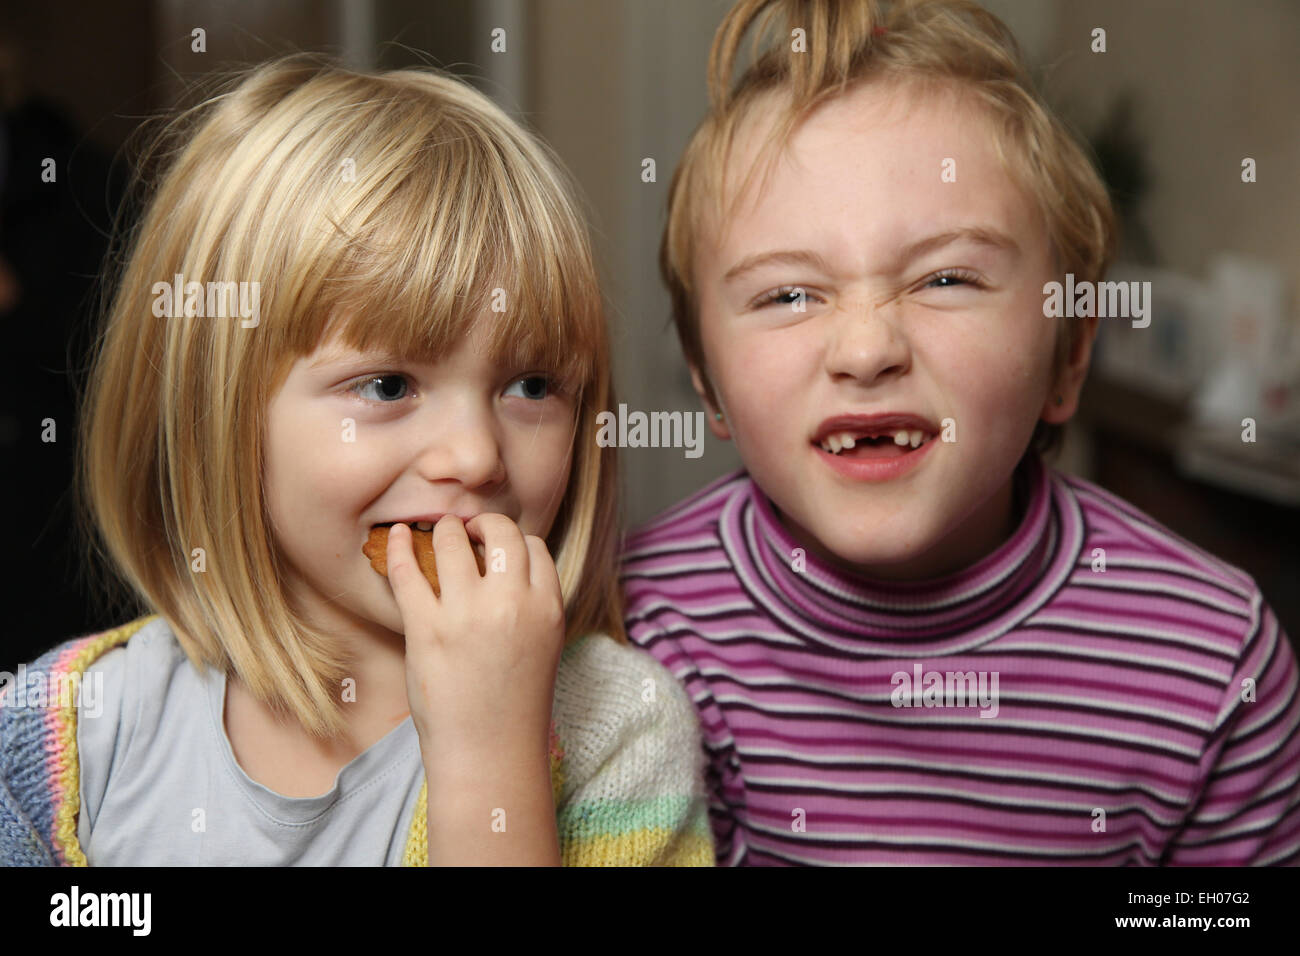 Les enfants faire des grimaces - modèle libéré Photo Stock